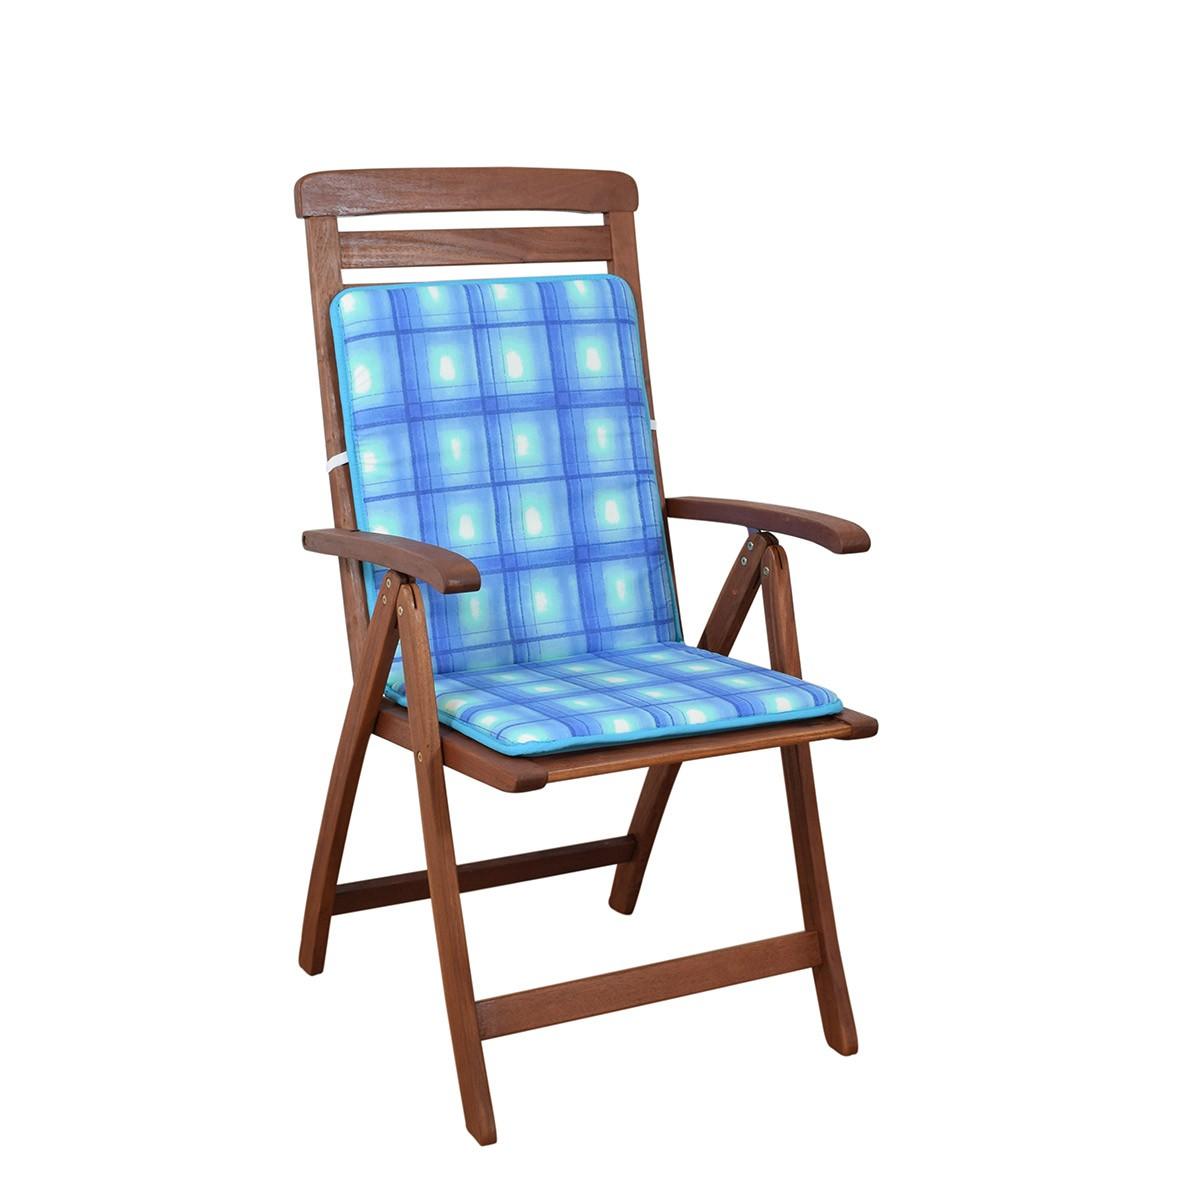 Μαξιλάρι Καρέκλας Πλάτη/Ρέλι 2 Όψεων Fratoni DobleCara Blue 74784